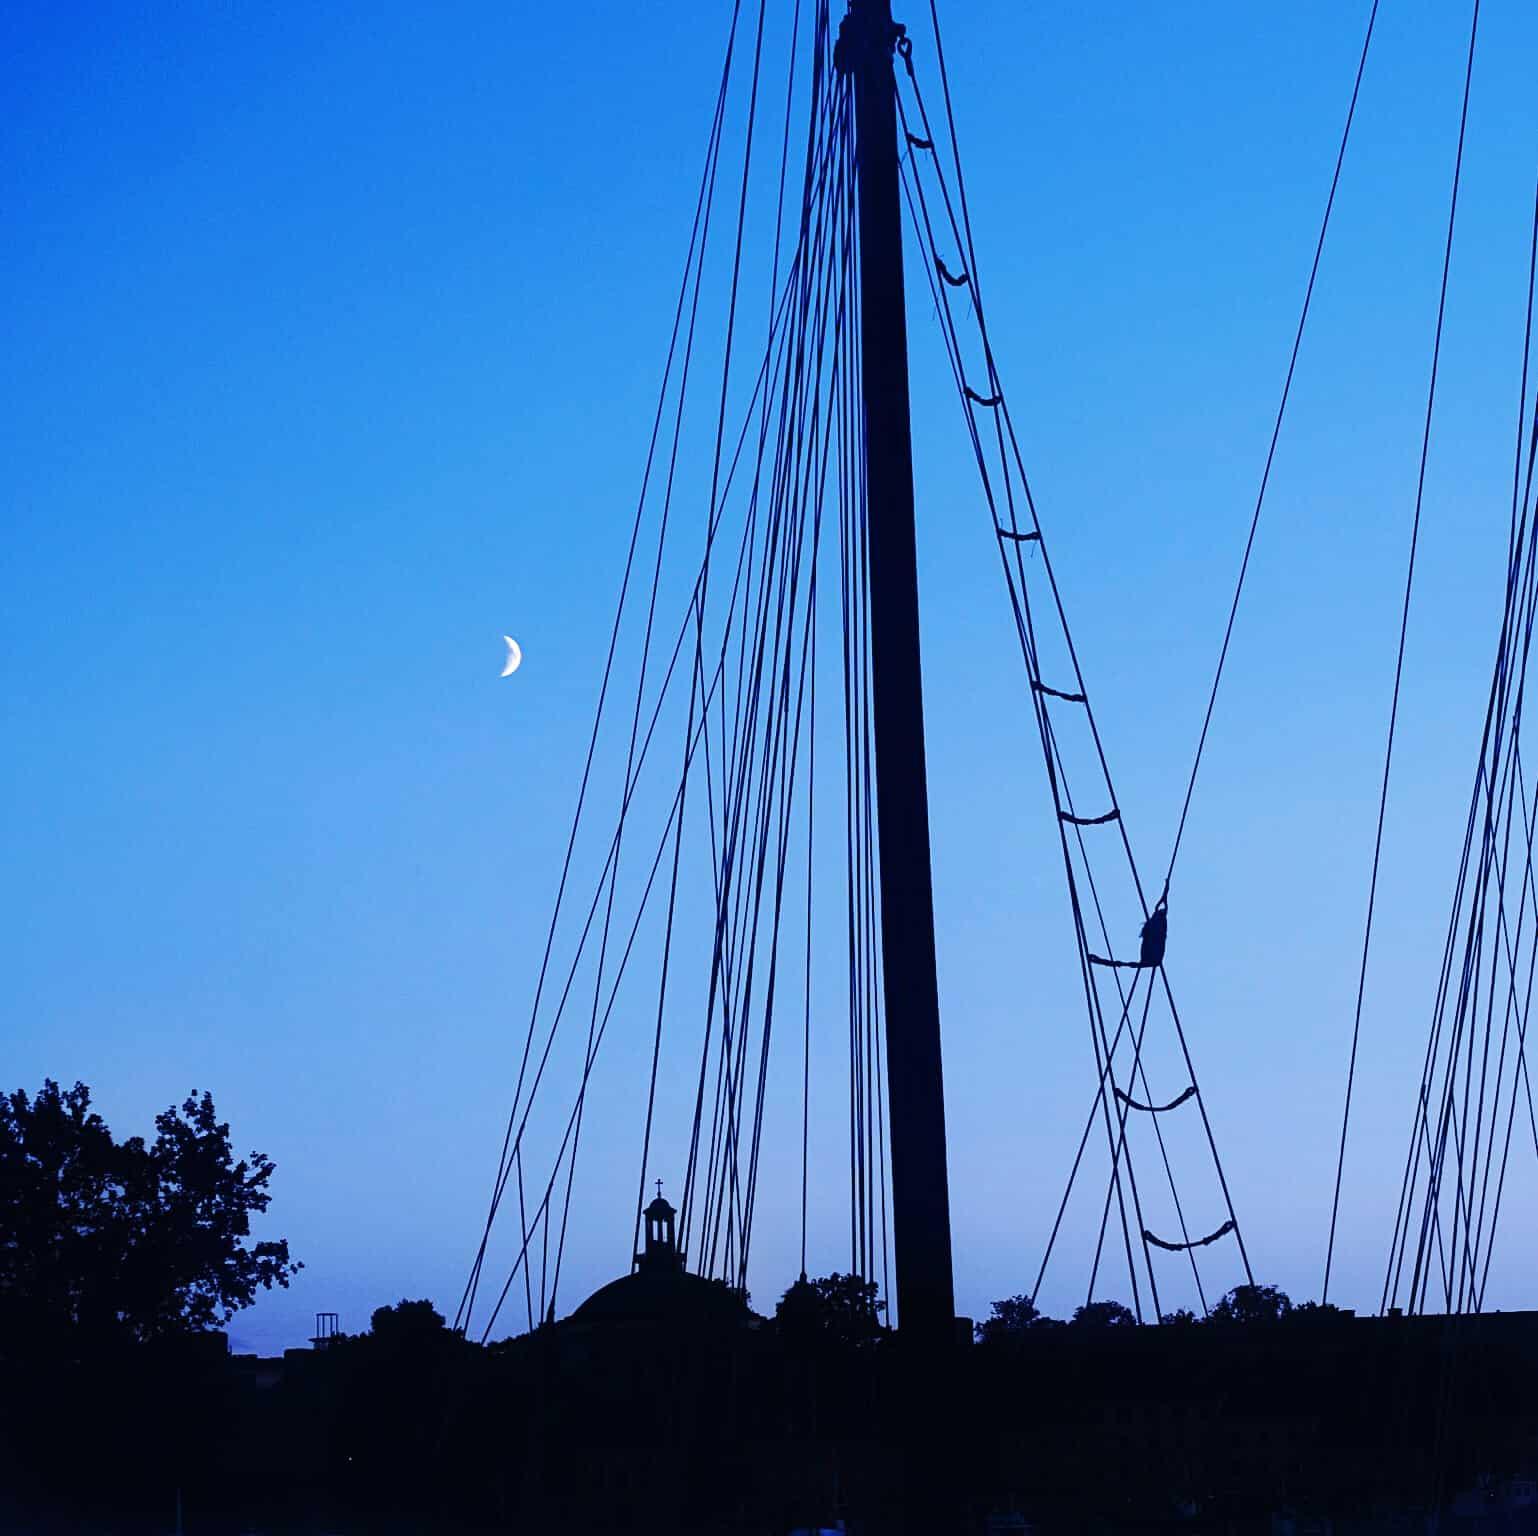 Stockholm, Sunset in the City, Sonnenuntergang in der Stadt, Aussicht Schweden, Sunset, Sonnenuntergang, Meer, Segelschiff inSchweden, Schiff, Piratenschiff, Natur in Stockholm, Insel in Stockholm, Sweden